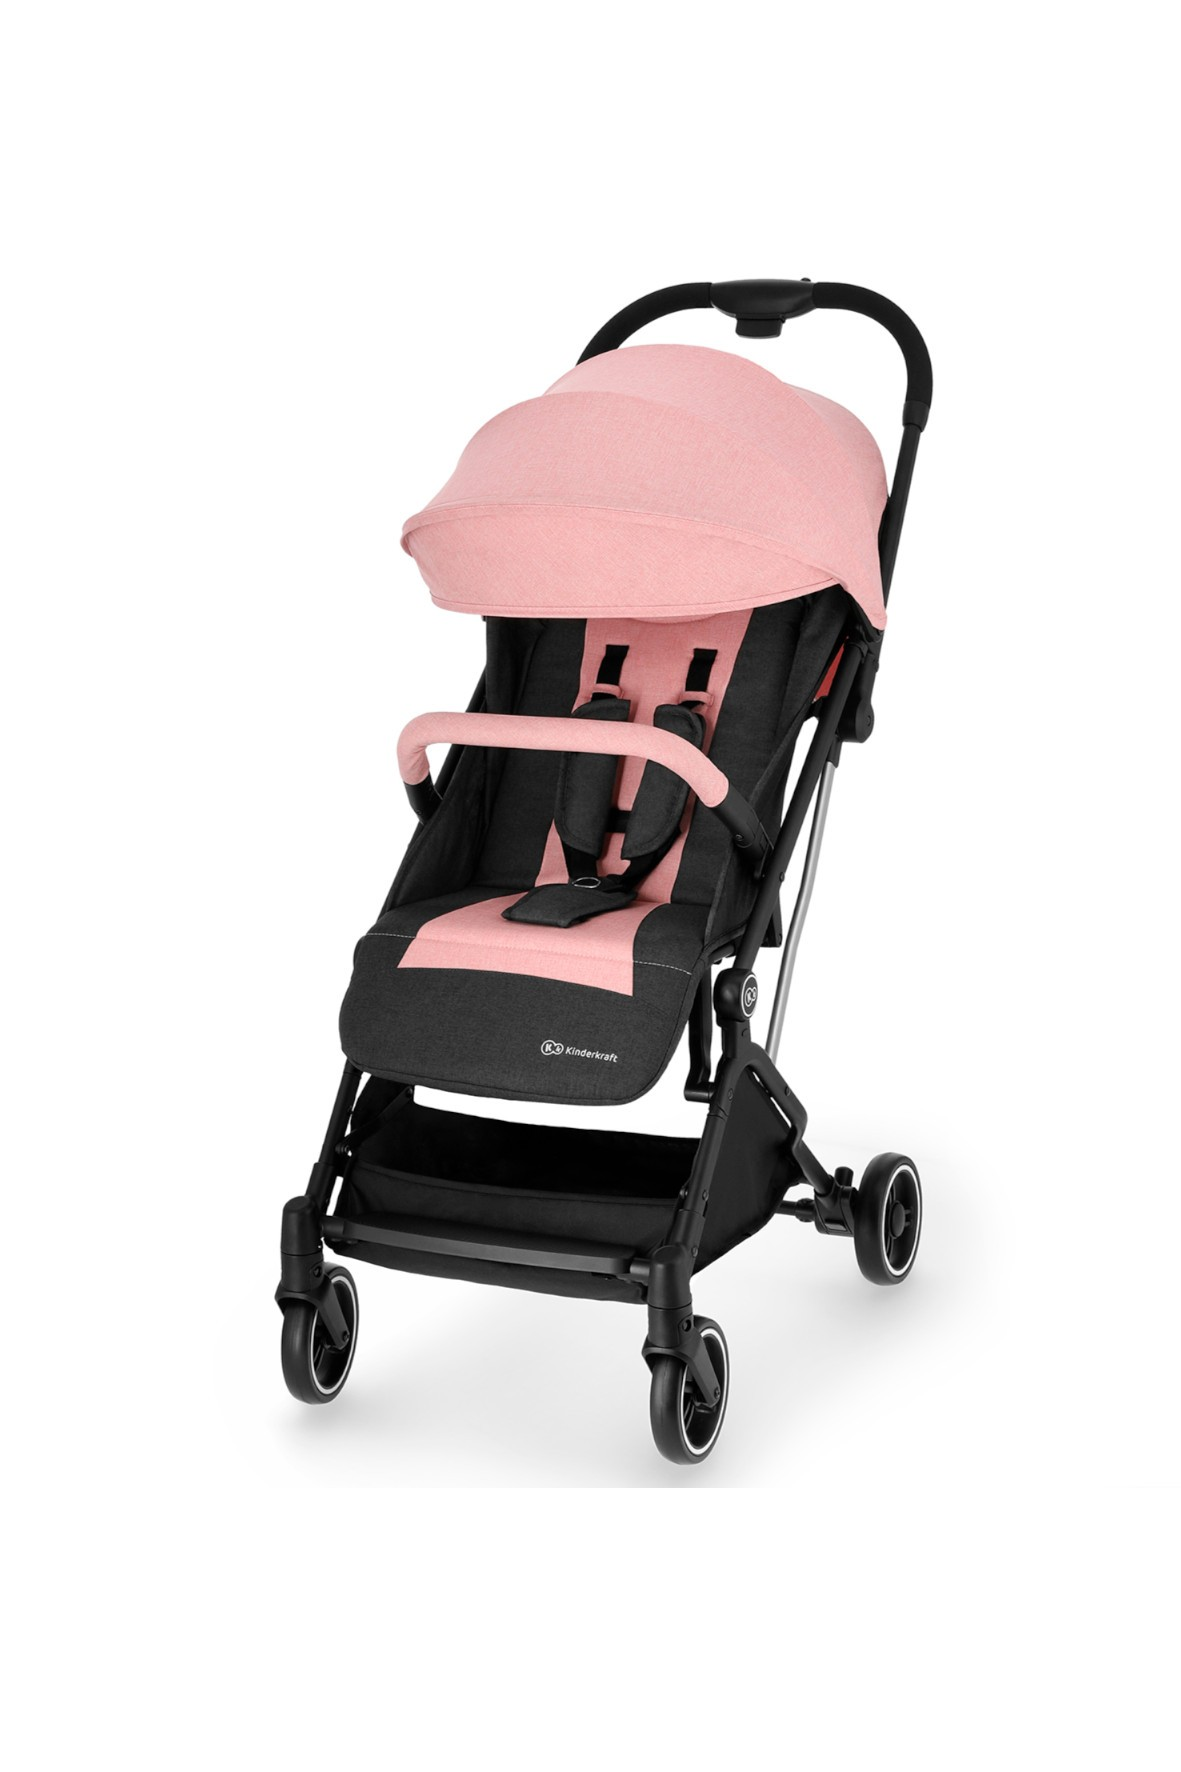 Wózek spacerowy Indy Kinderkraft  różowy